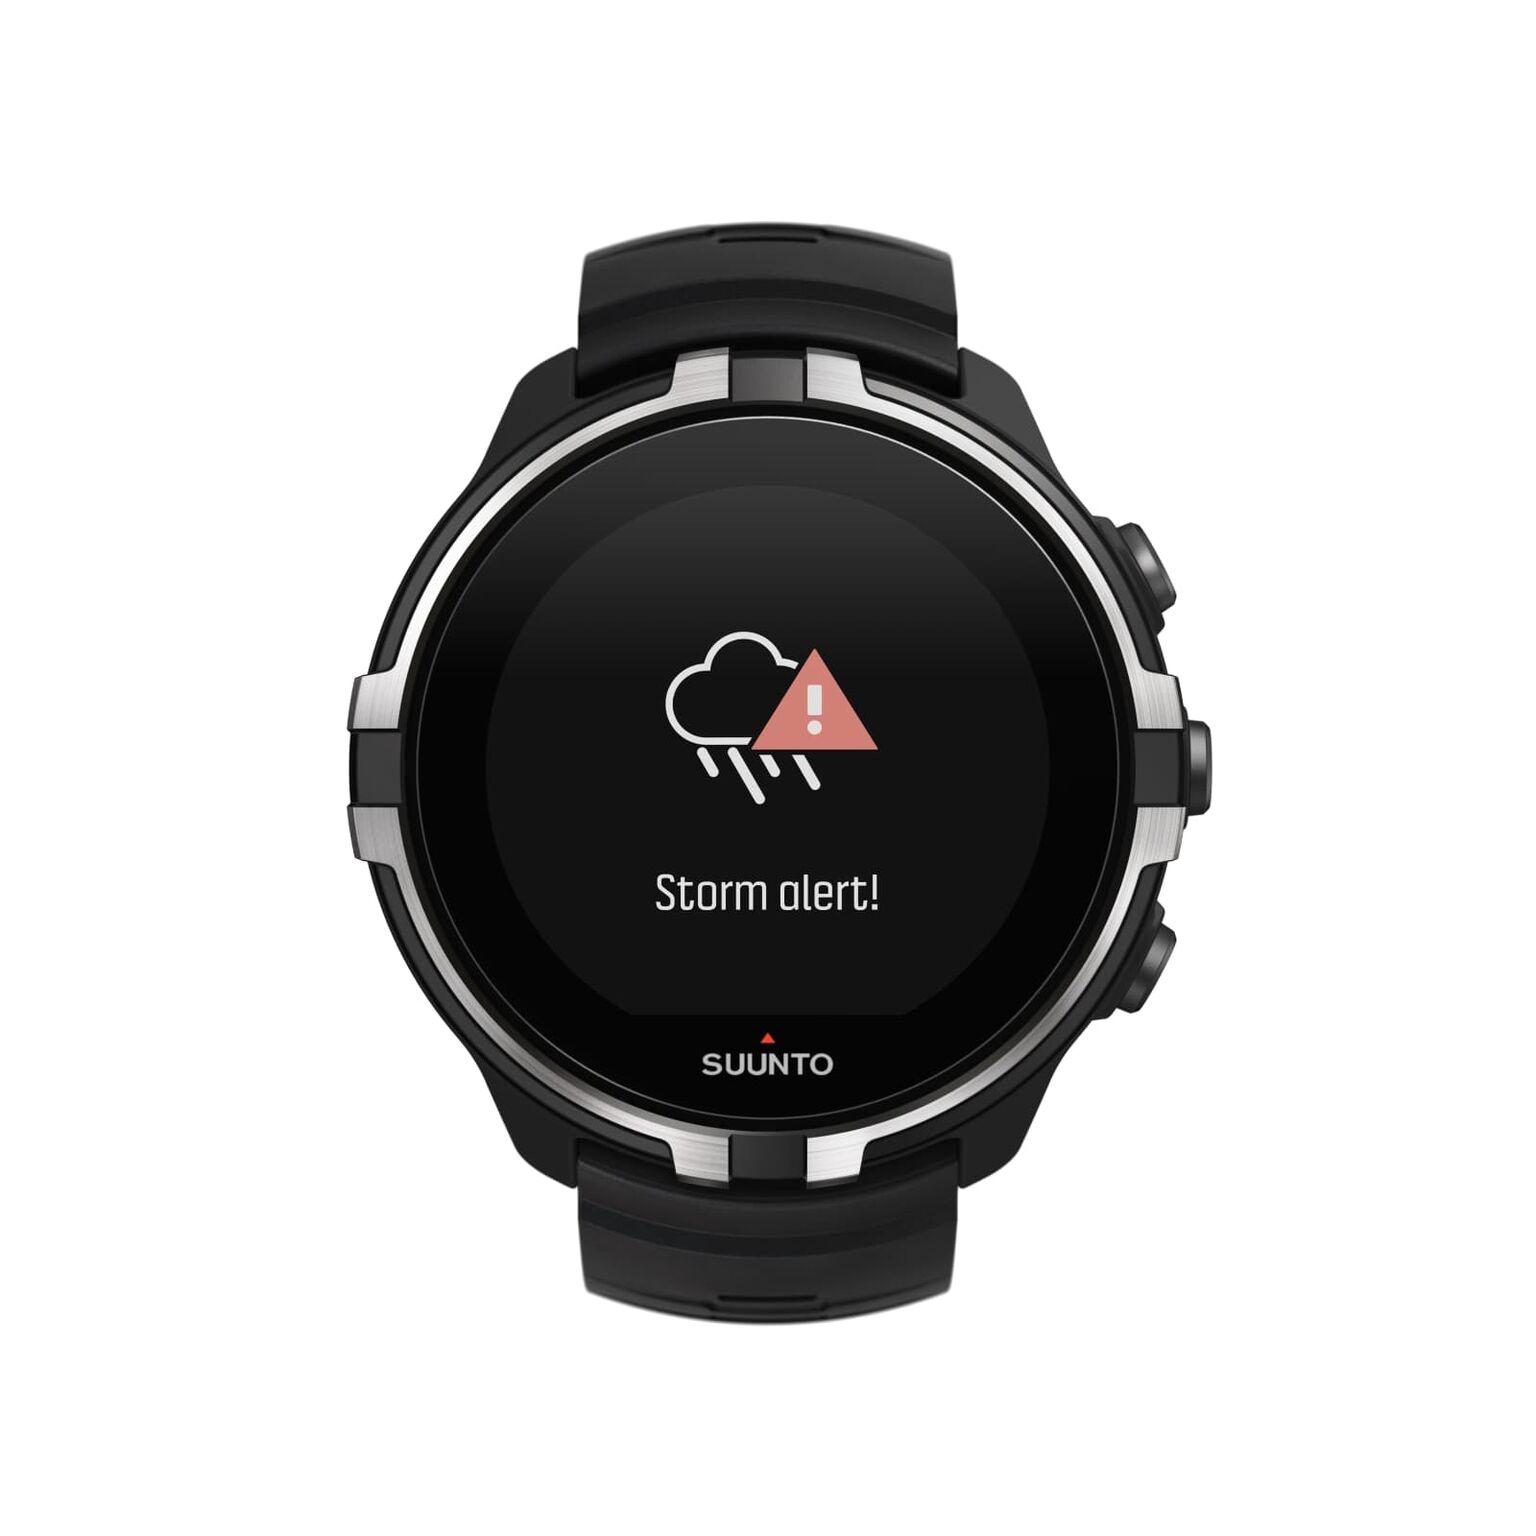 שעון סונטו עם דופק מהיד Suunto Spartan Baro  בשני צבעים לבחירה - משלוח חינם - תמונה 4